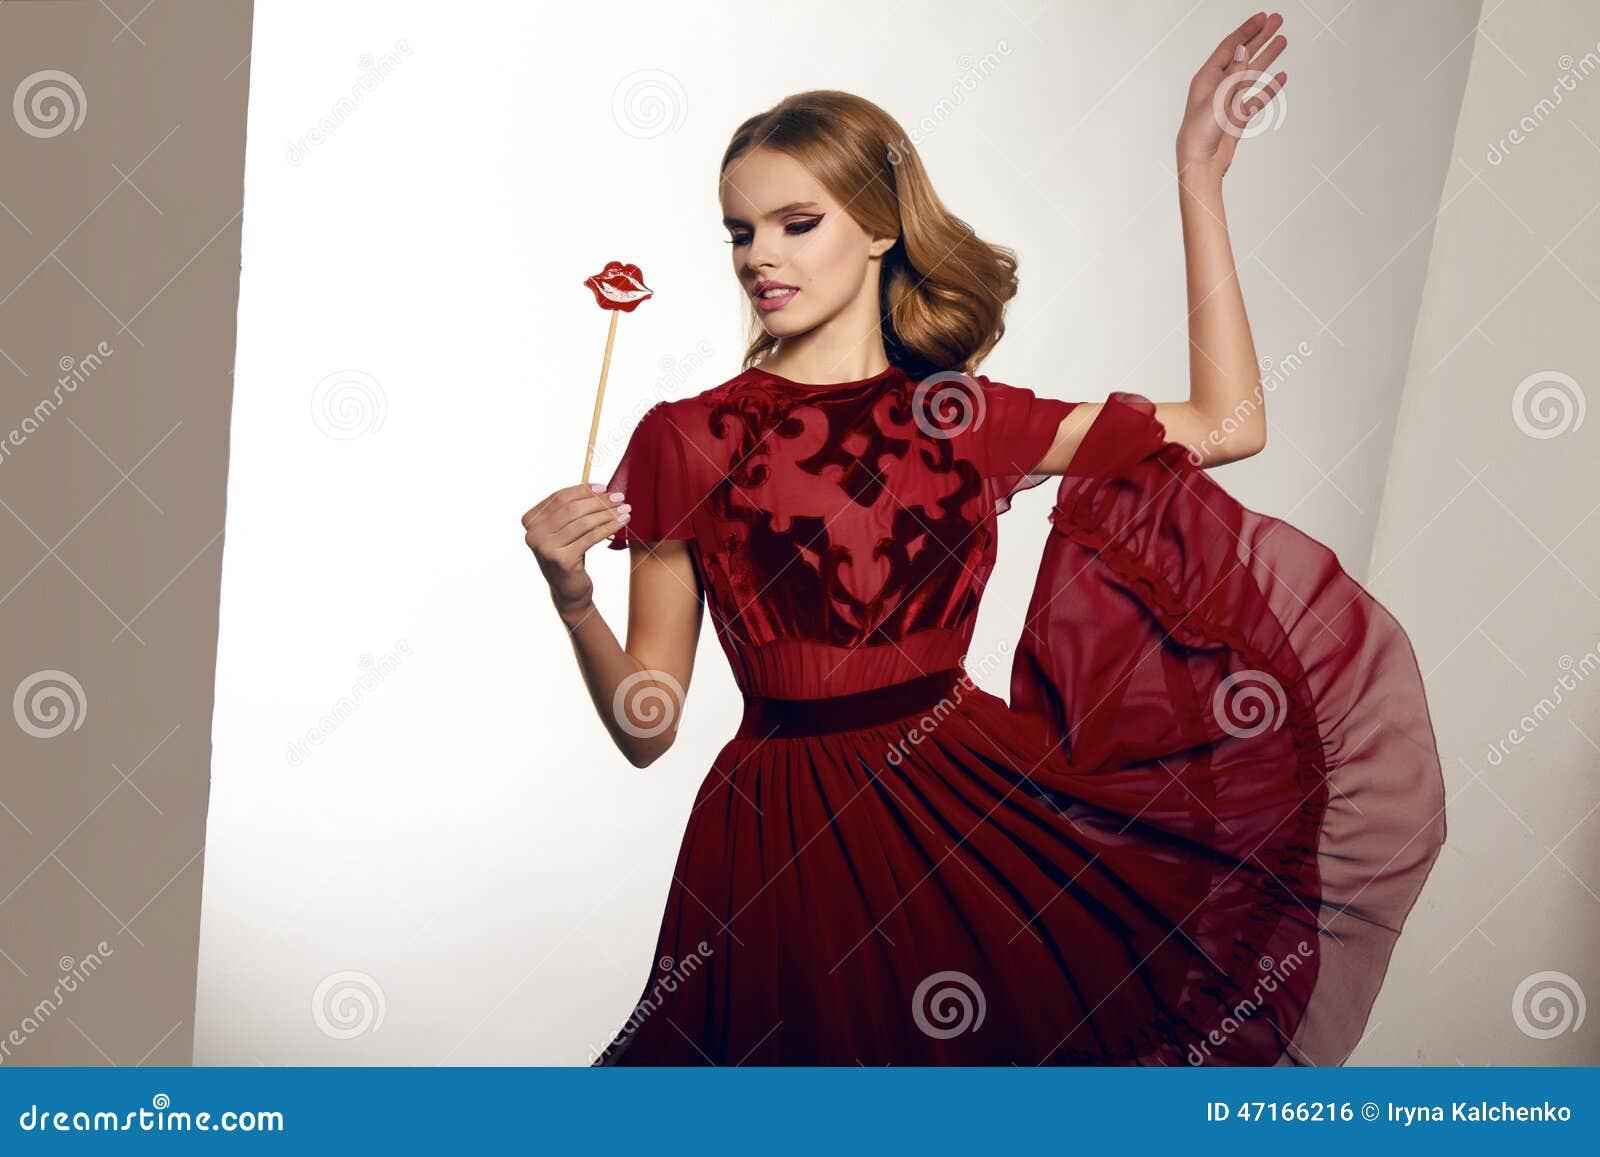 fb26e2e02ca6 Den härliga sexiga unga kvinnan med krabbt blont hår och det mjuka  naturliga sminket i bordovrmaftonkappa av chiffong och silke broderade med  att rymma en ...